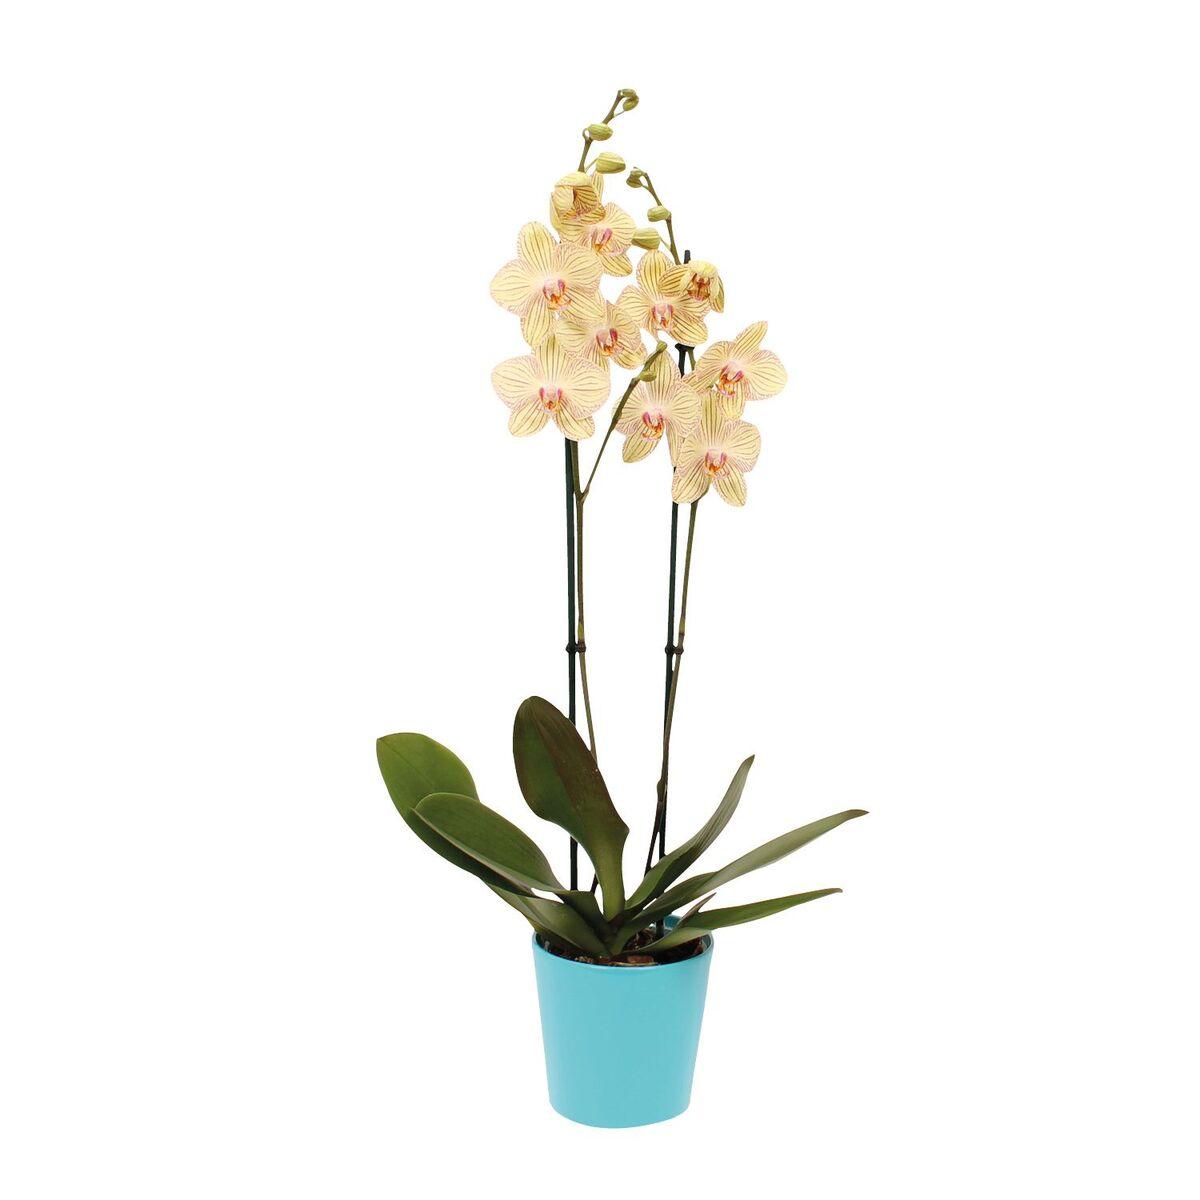 Bild 3 von GARDENLINE®  Orchidee im Keramiktopf